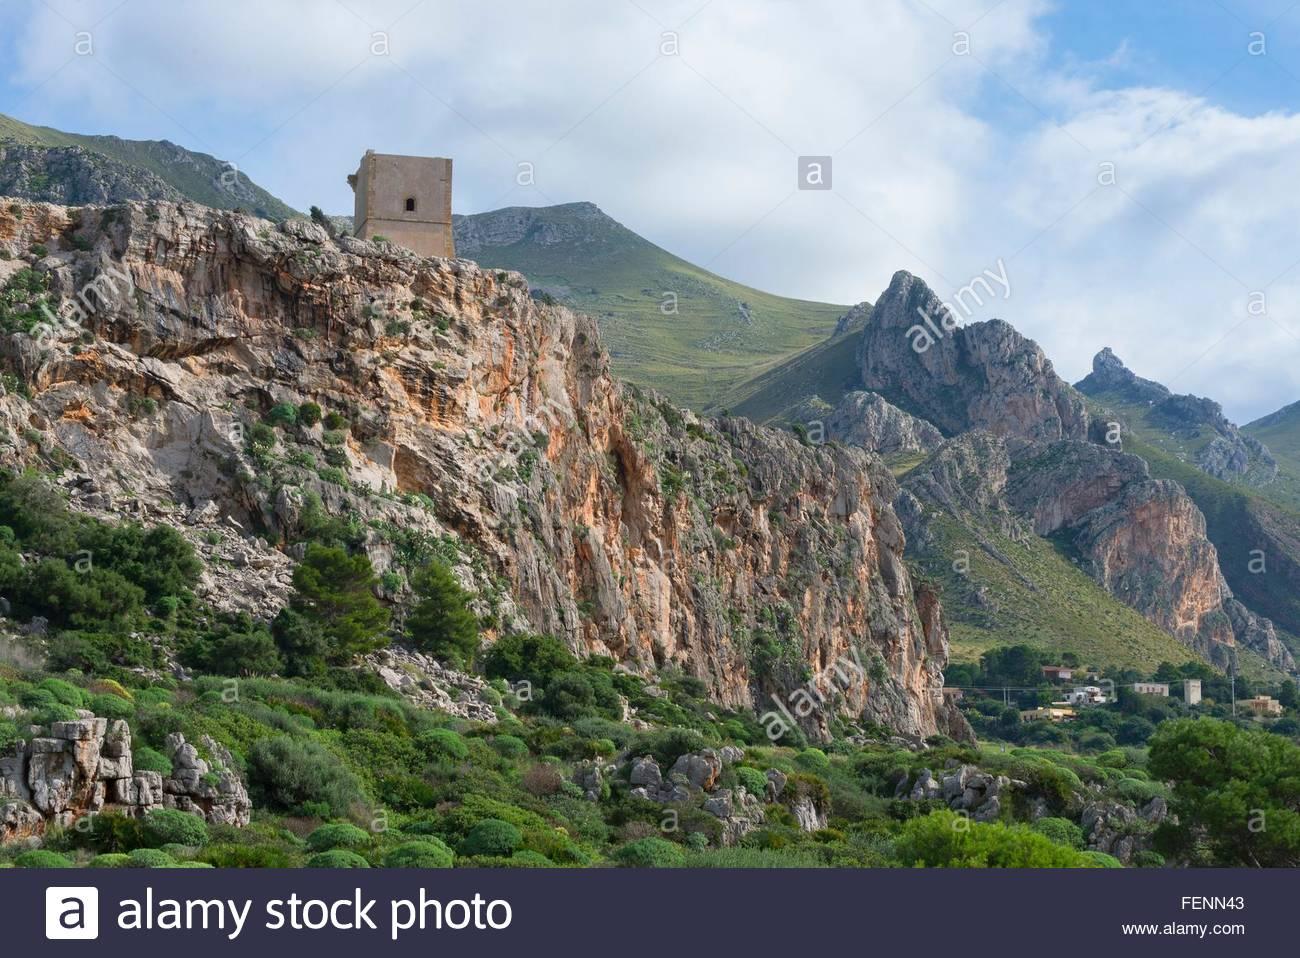 Erhöhten Blick auf Berg-Turm, Macari, San Vito Lo Capo, Sizilien, Italien Stockbild